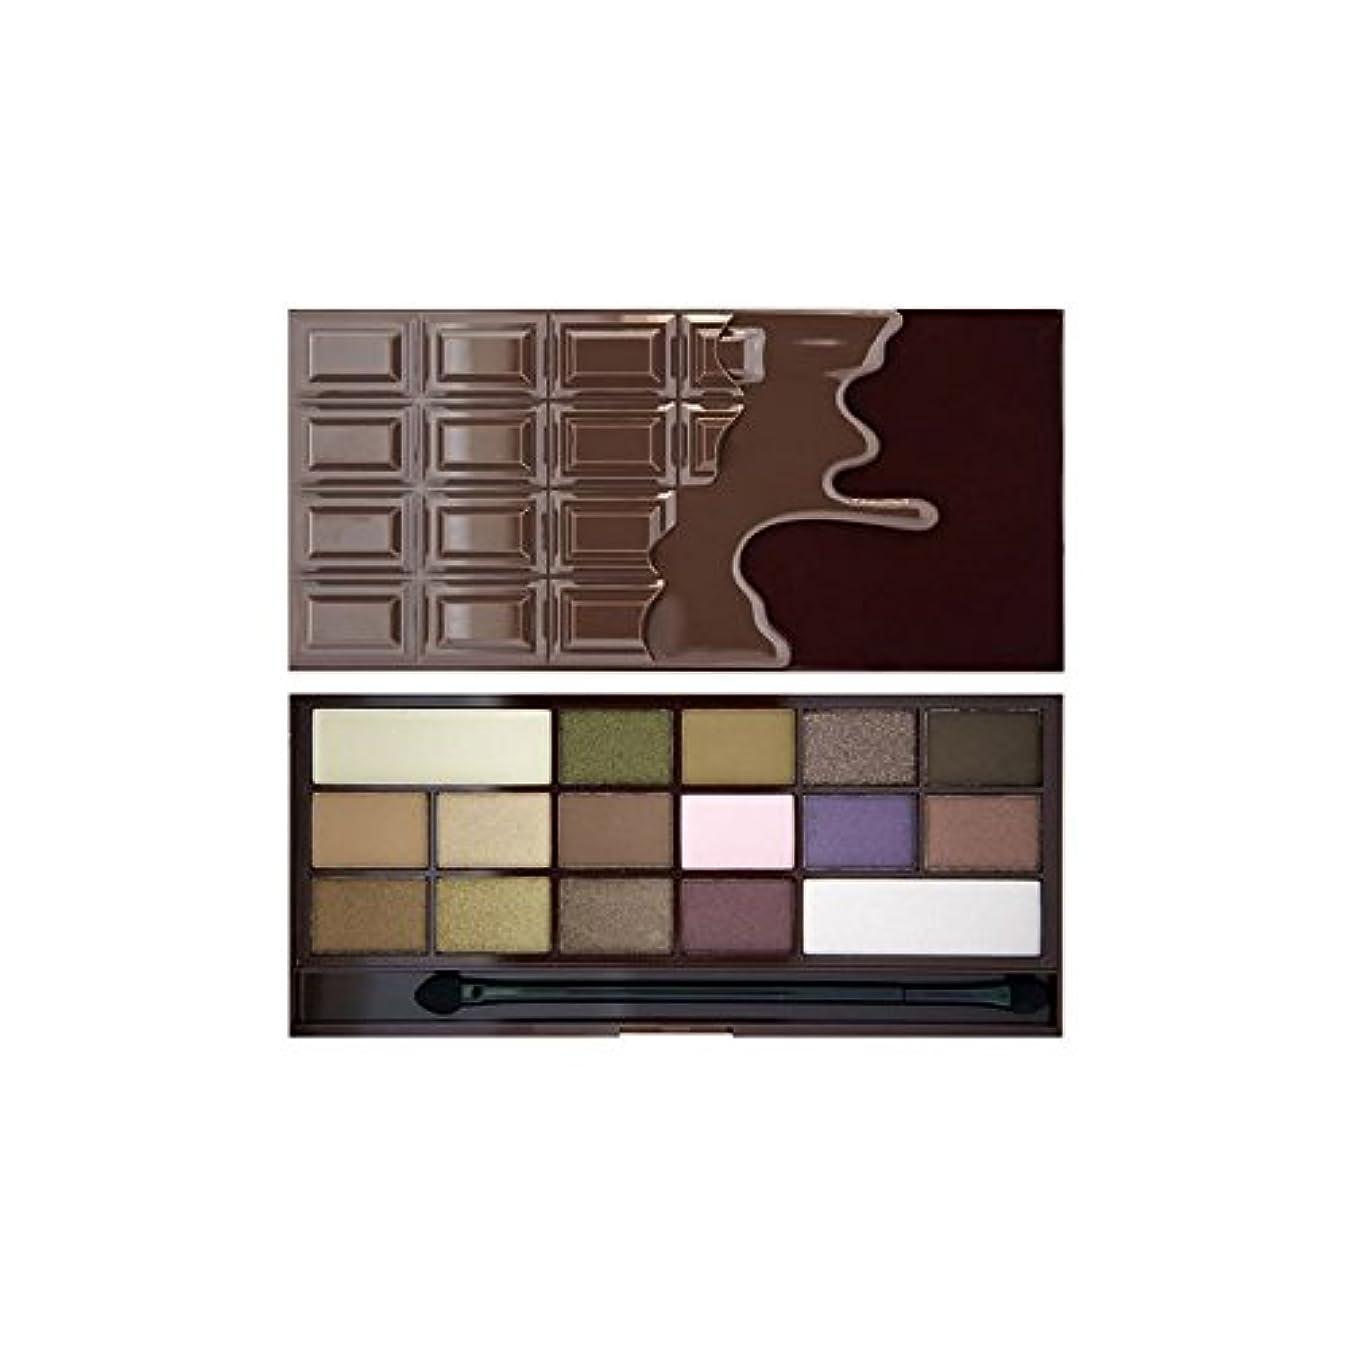 シンジケート兵隊アジアI Heart Eye Shadow Palette I Heart Chocolate - 私は心のアイシャドウパレットハートチョコレート [並行輸入品]